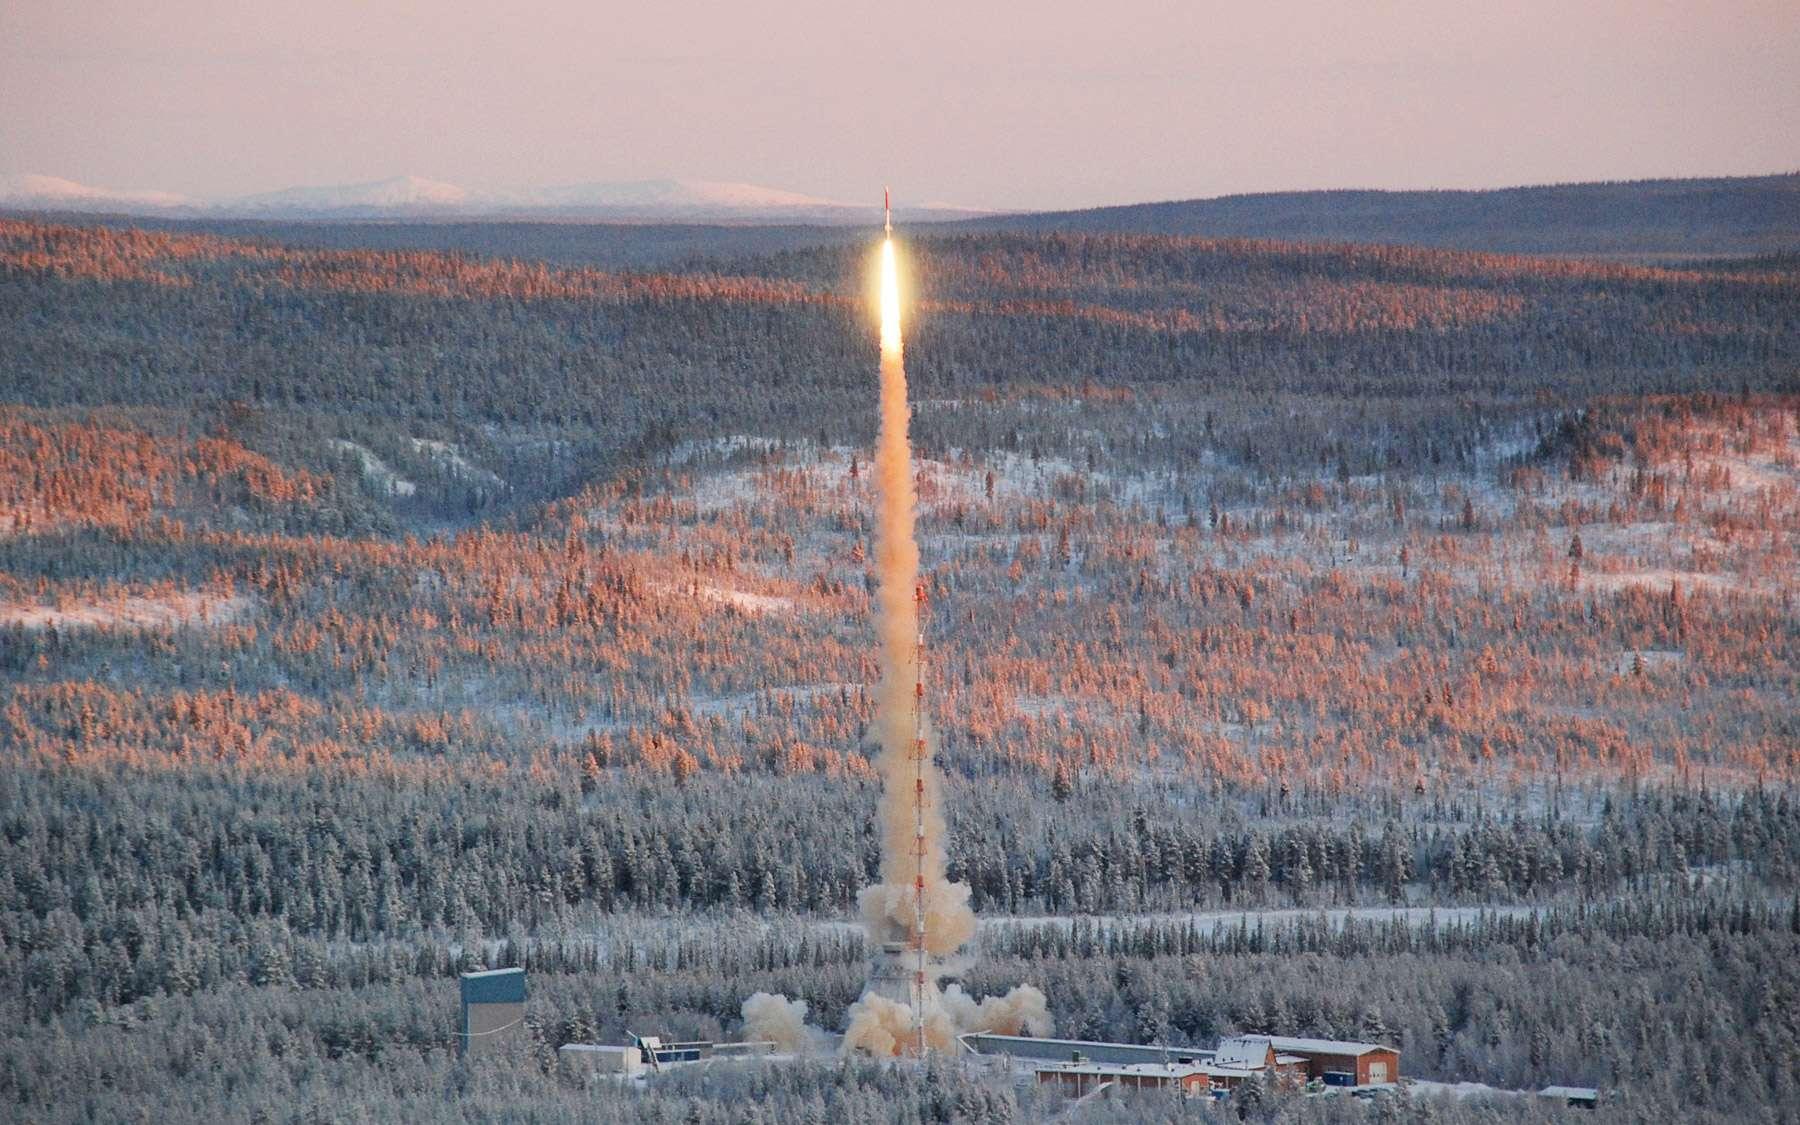 Décollage de la fusée sonde Texus que l'Esa utilise depuis plusieurs années pour réaliser des expériences en gravité ou tester de nouvelles technologies. © DLR/Thilo Kranz